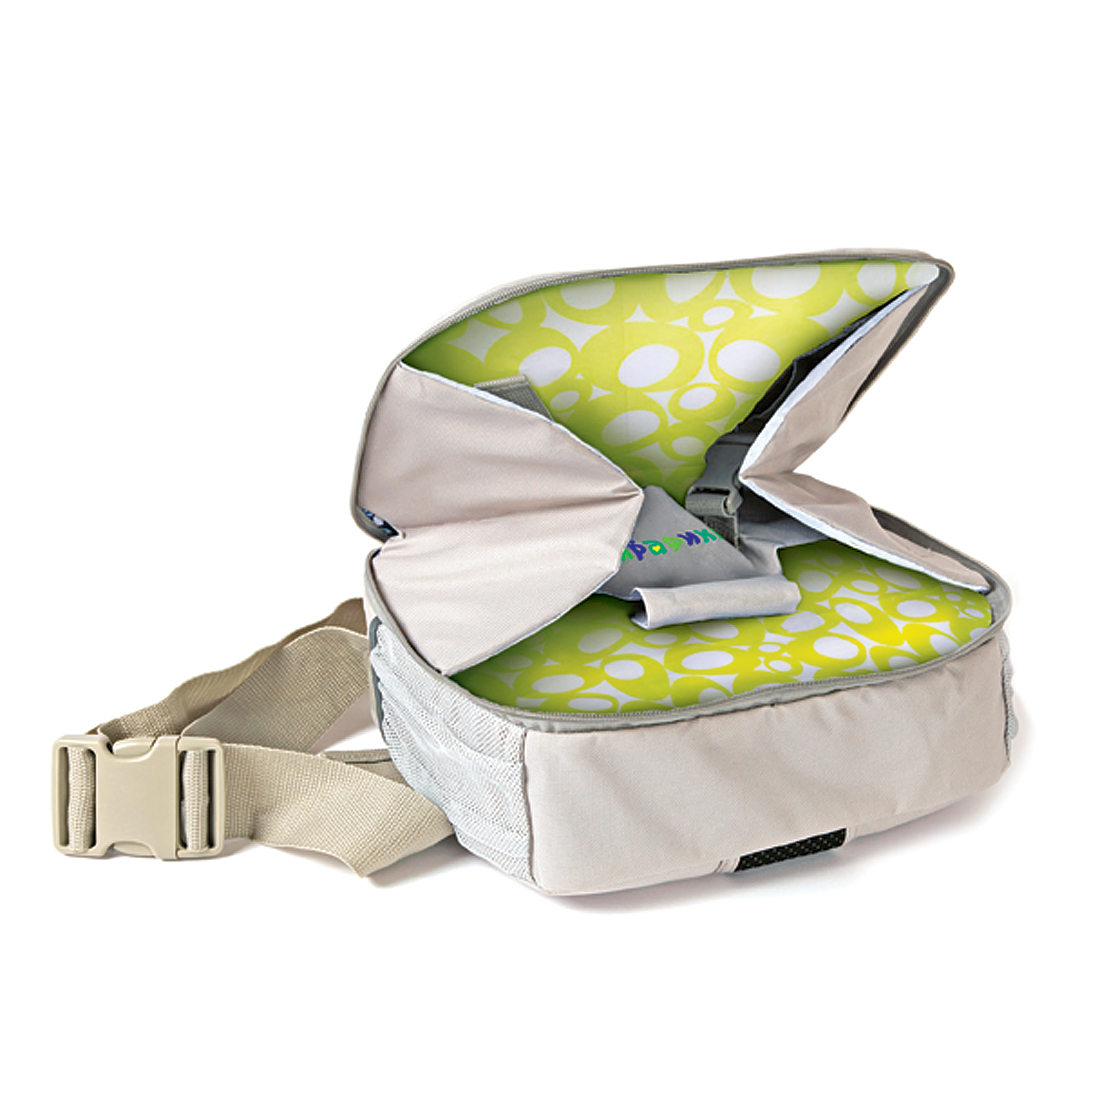 Жирафики Стульчик-сумка для кормления высокий -  Все для детского кормления